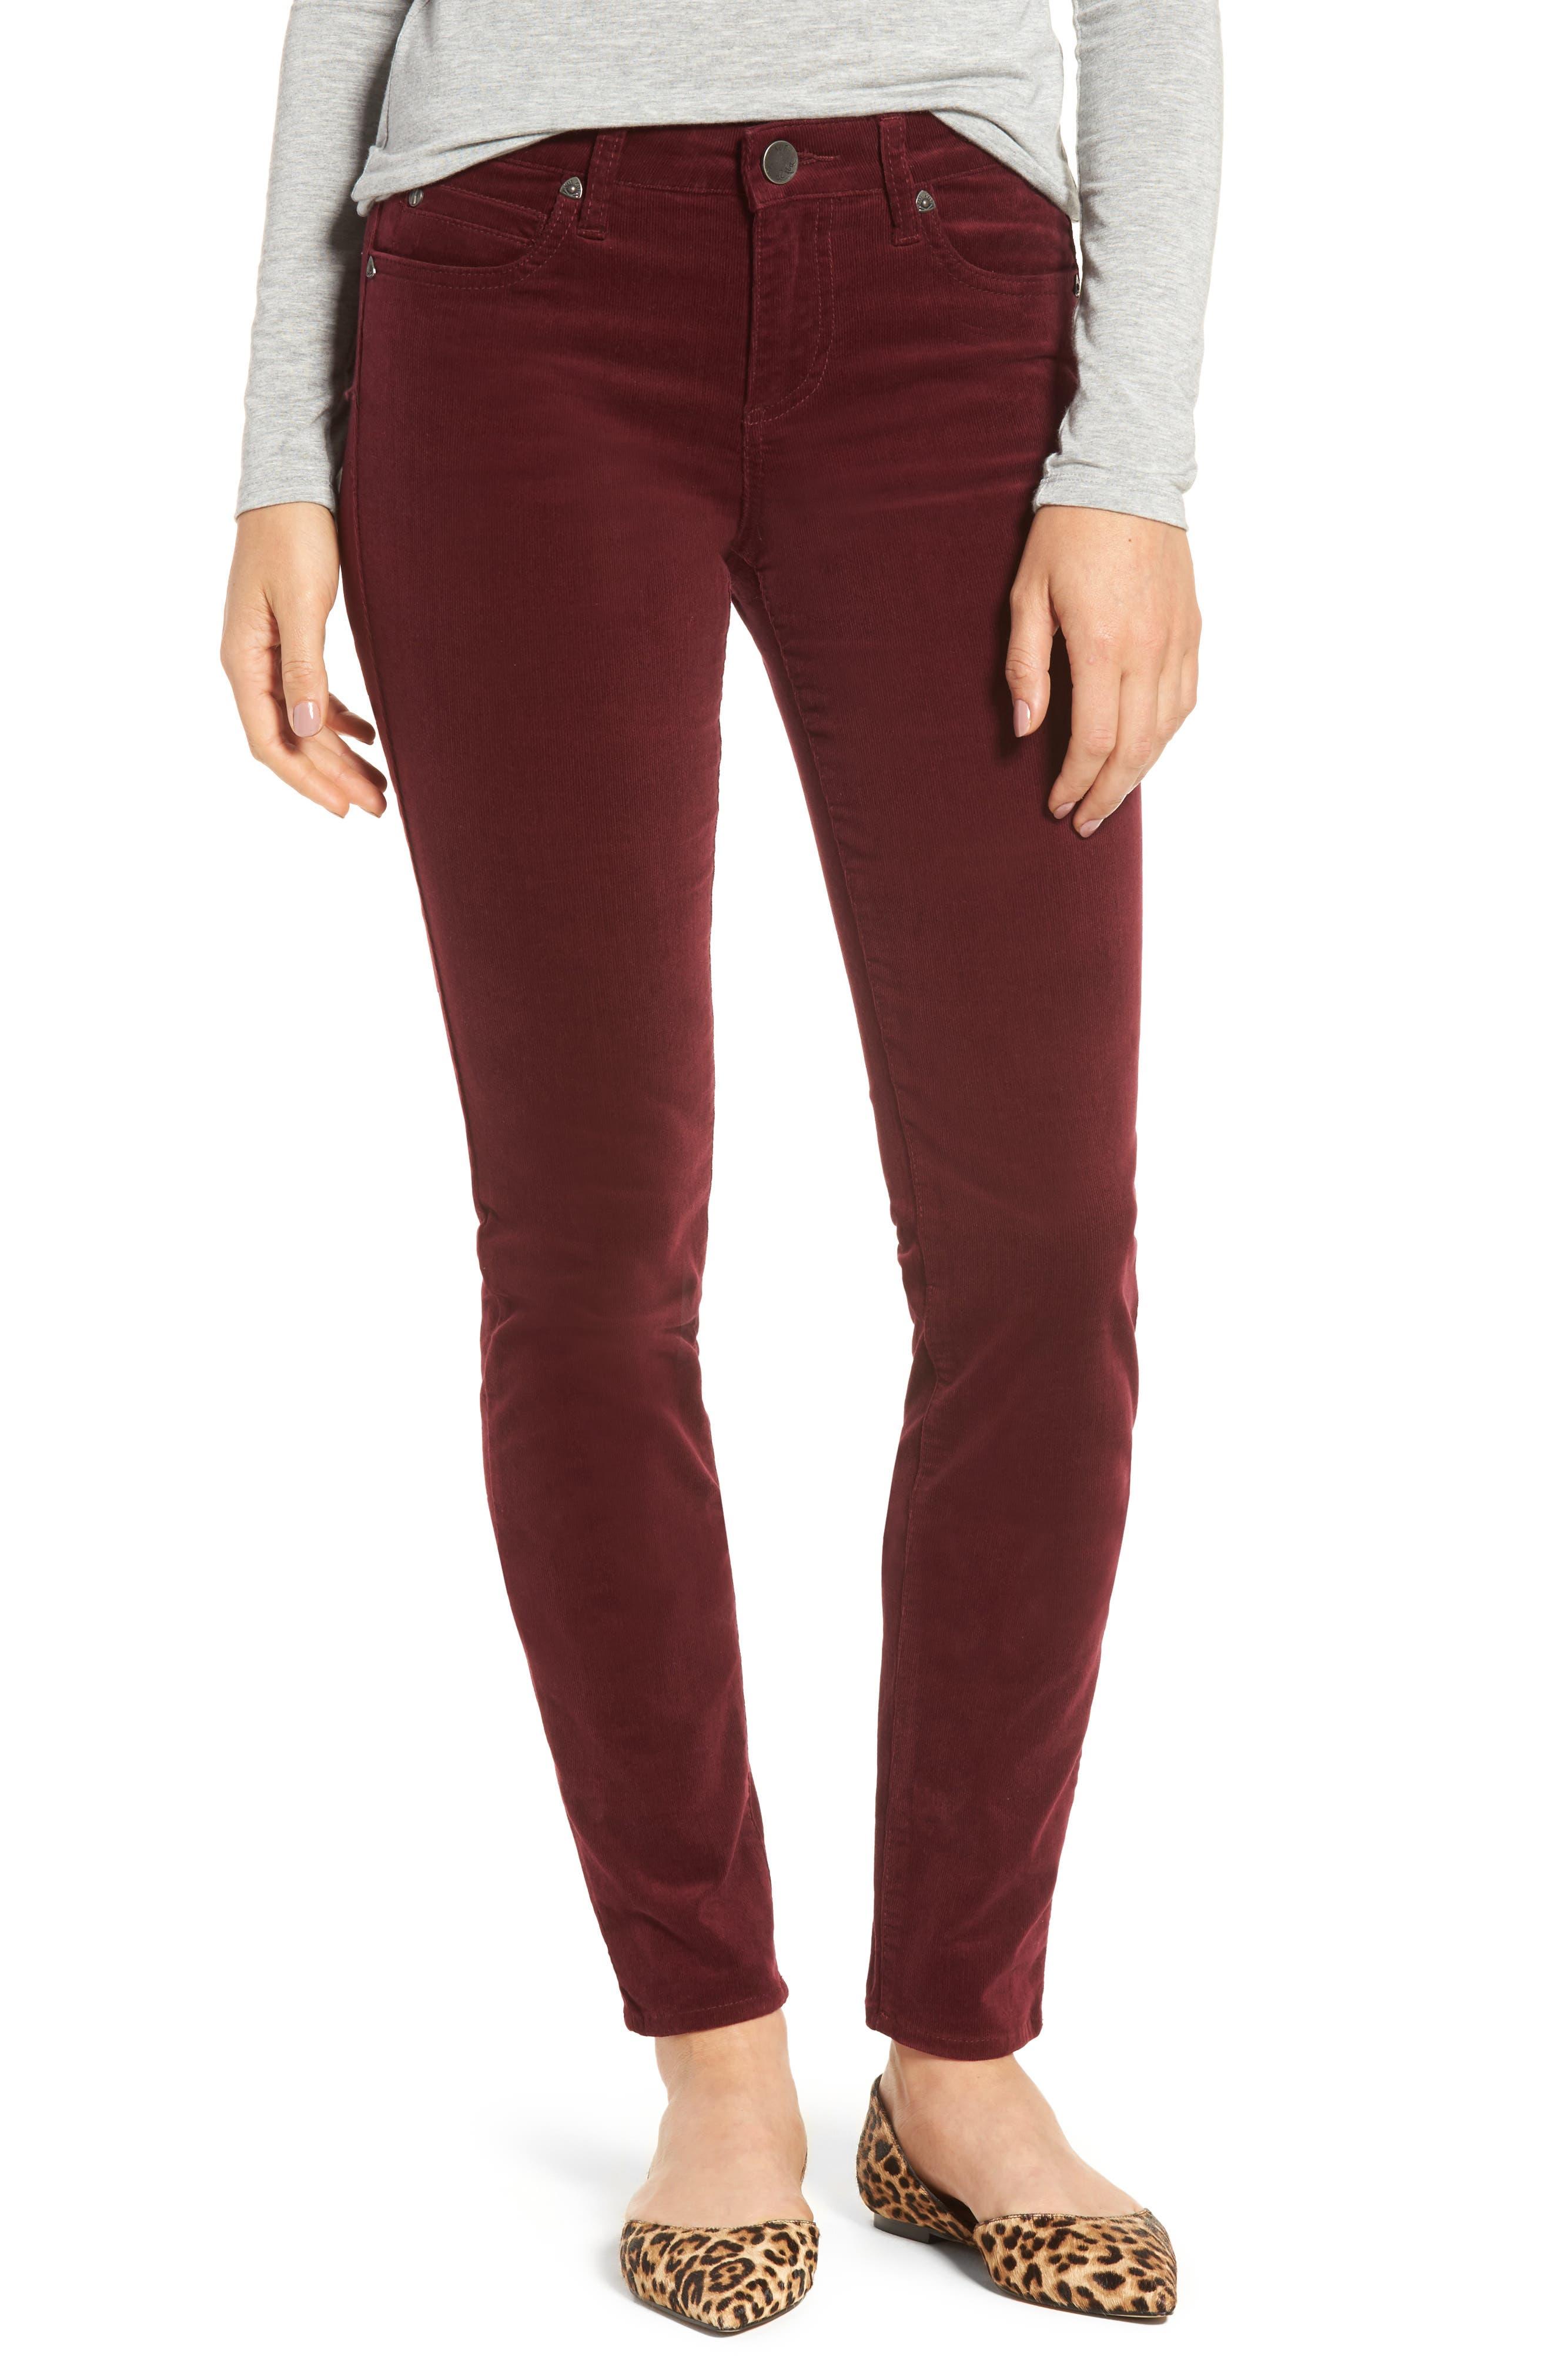 Burgundy Pants For Women JR4vIKtm